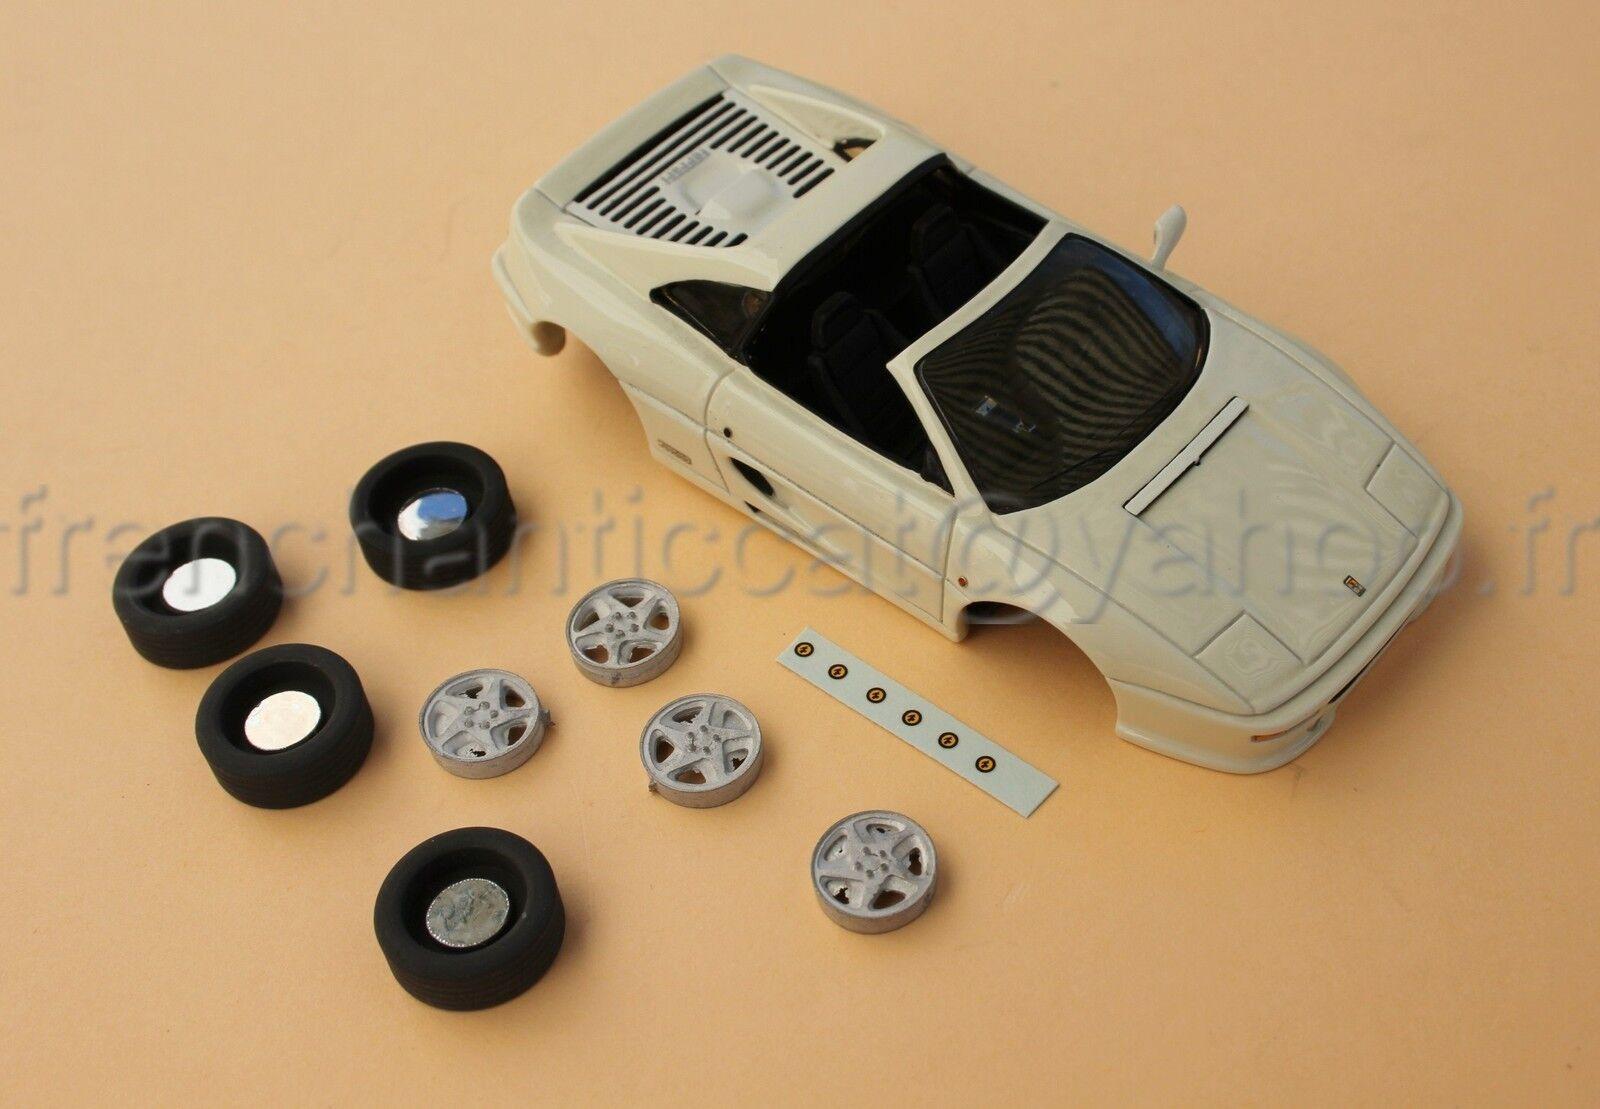 Lu voiture ferrari f355 collector 355 off blanc  1 43 heco models miniature  nous fournissons le meilleur